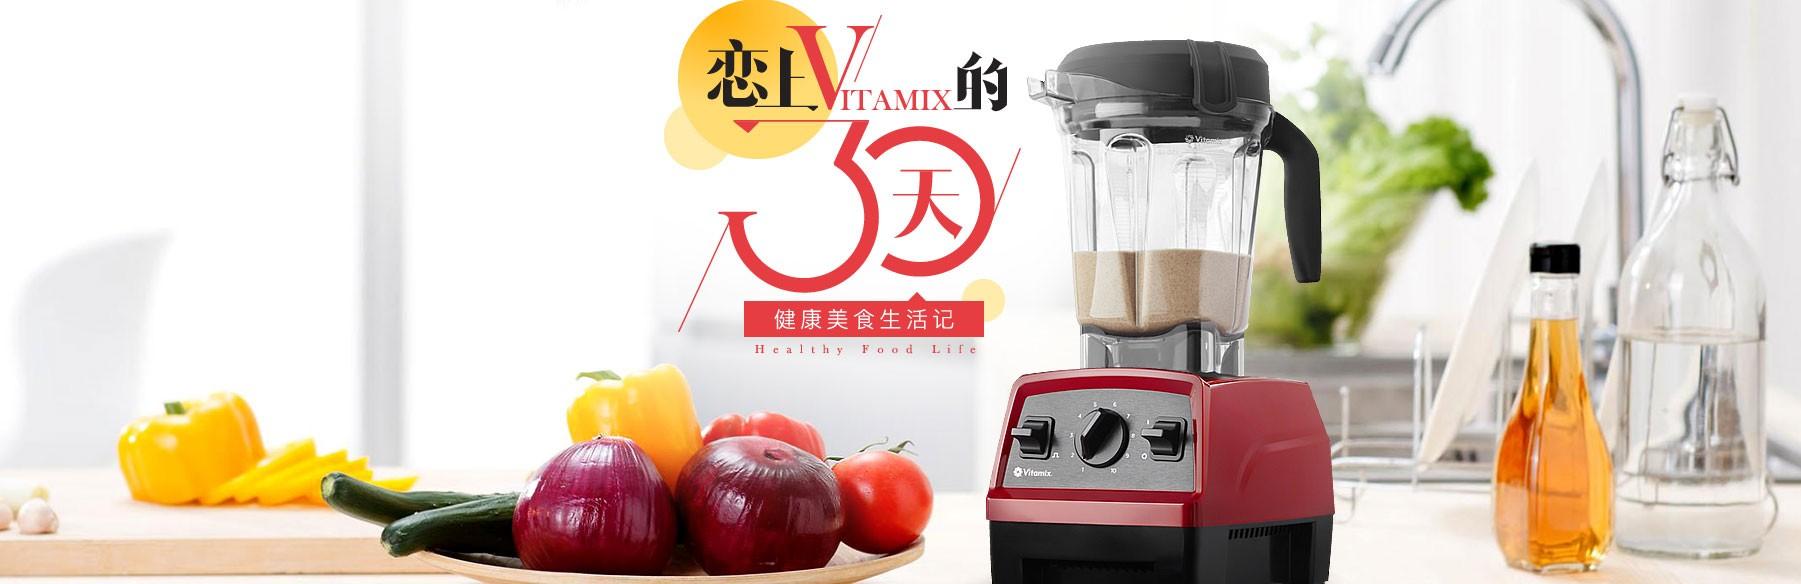 恋上Vitamix的30天 健康美食生活记